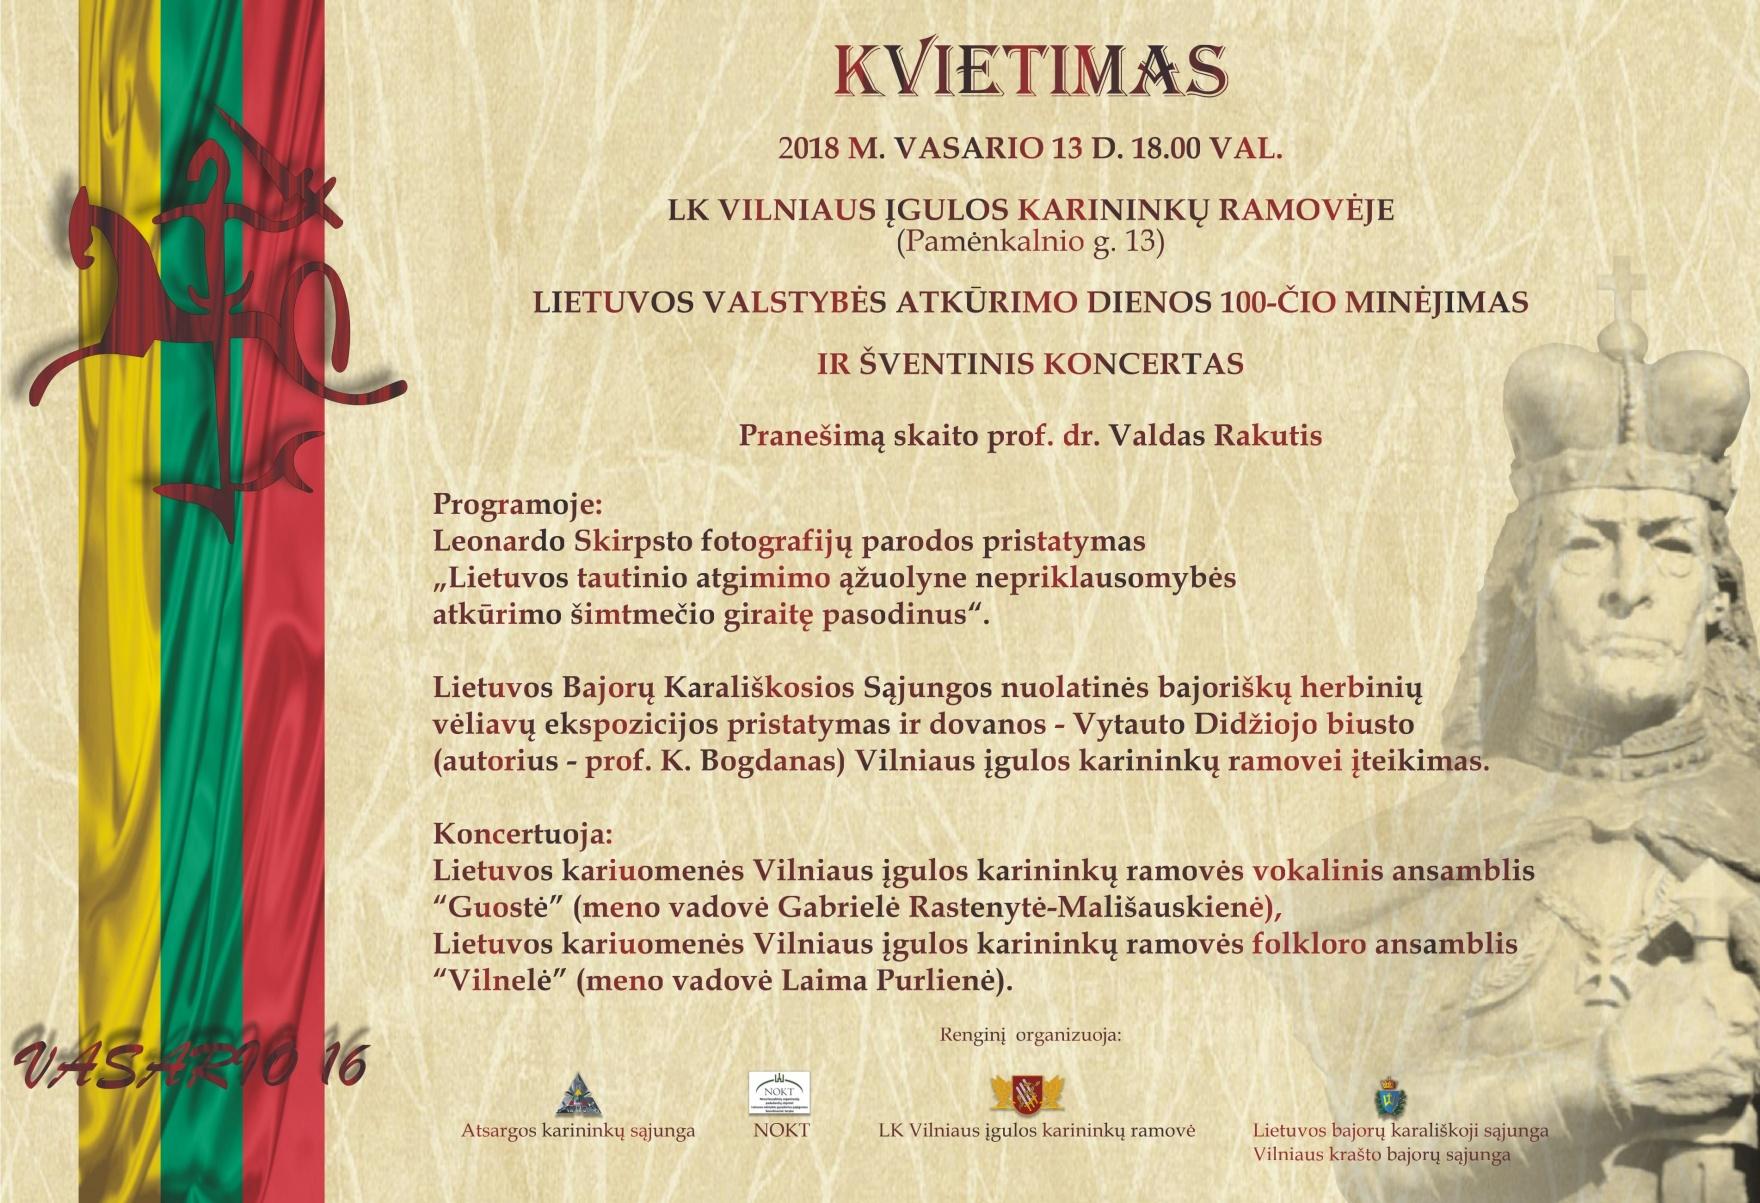 Lietuvos valstybės atkūrimo dienos 100-ečio minėjimas ir šventinis koncertas